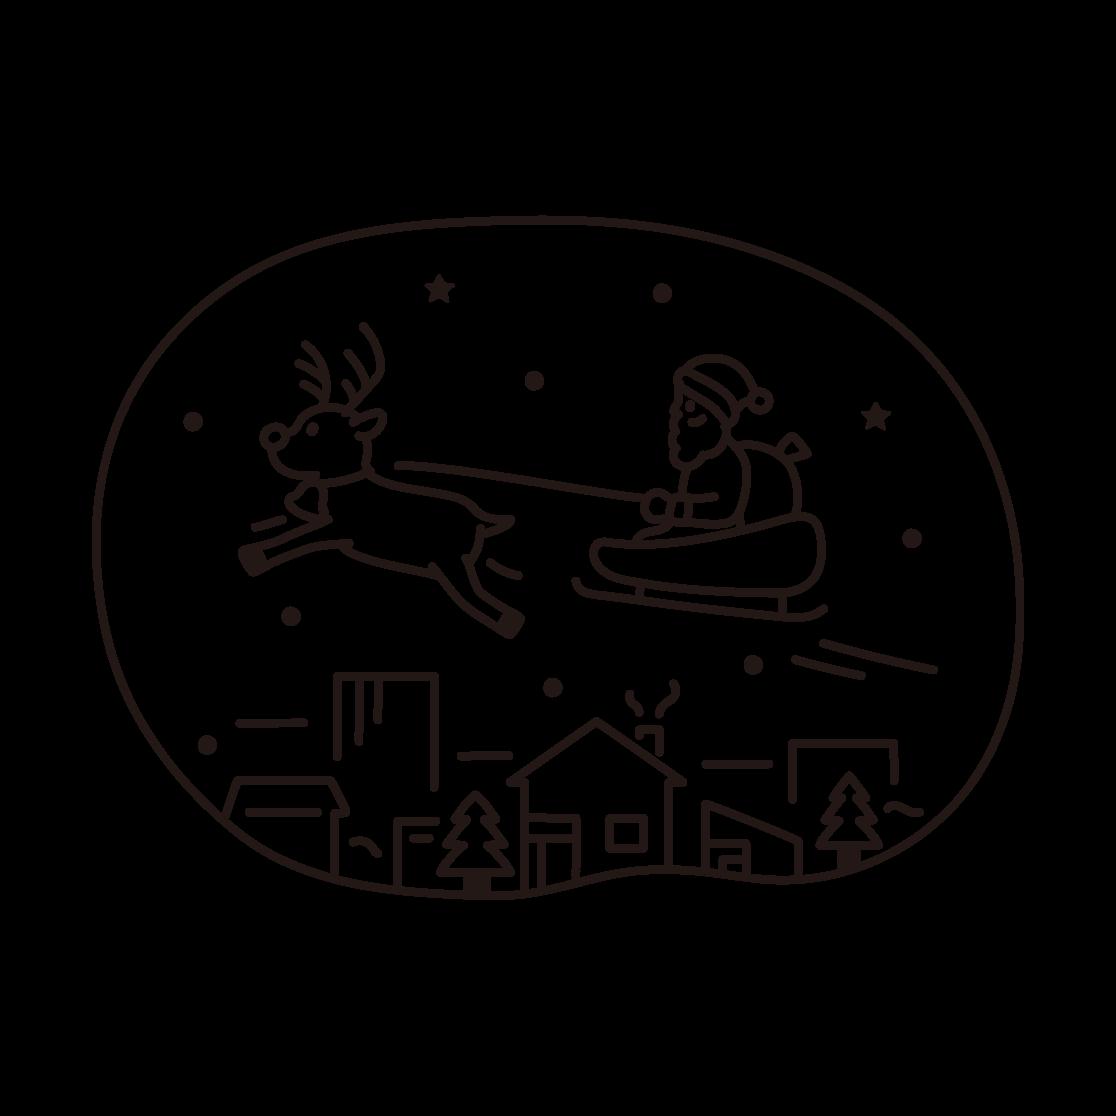 クリスマス(サンタとトナカイ)の線画イラスト